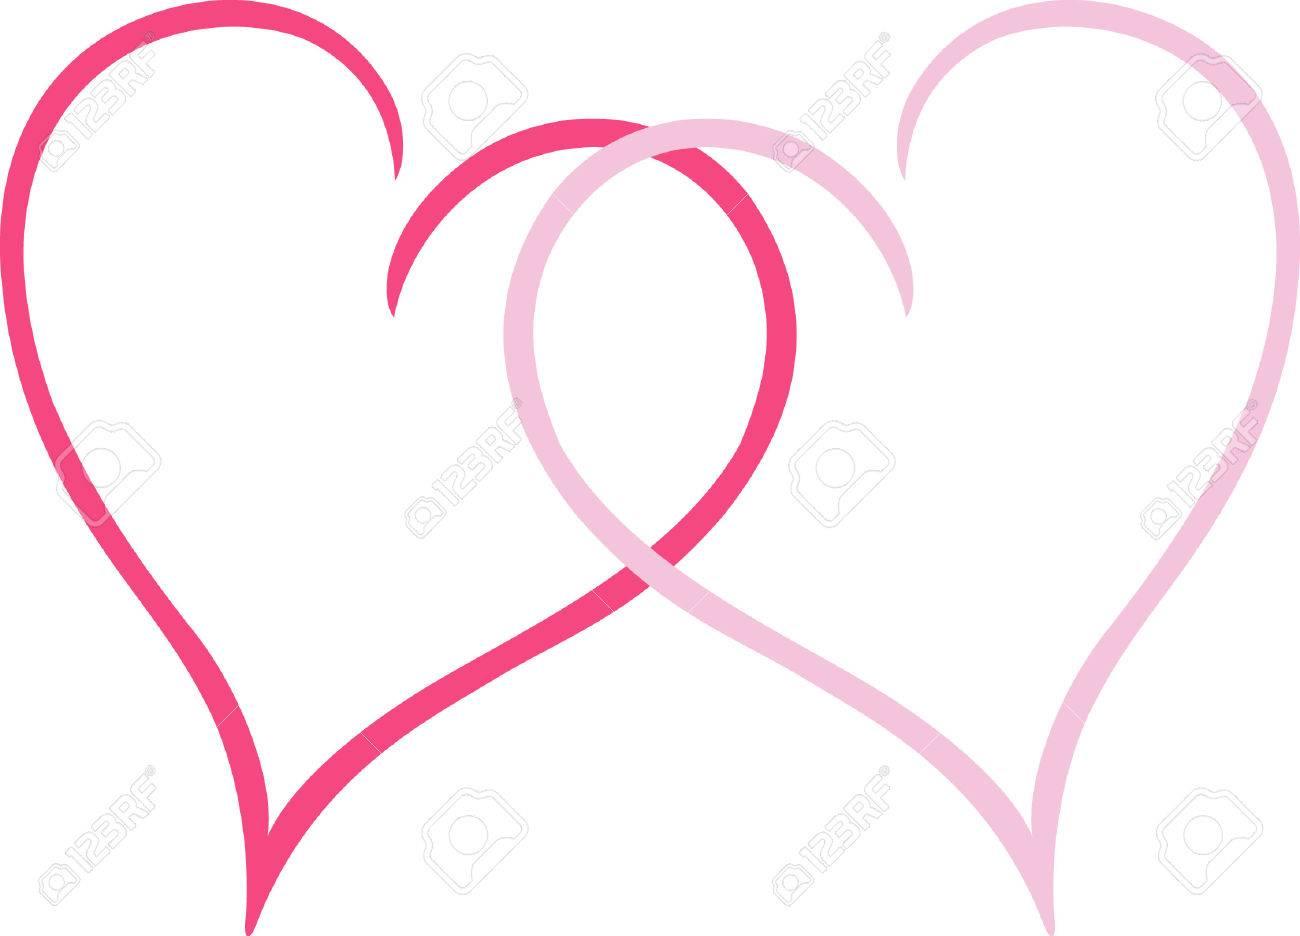 Wahre Liebe Ist In Ineinander Herzen Gezeigt Eine Grosse Valentine